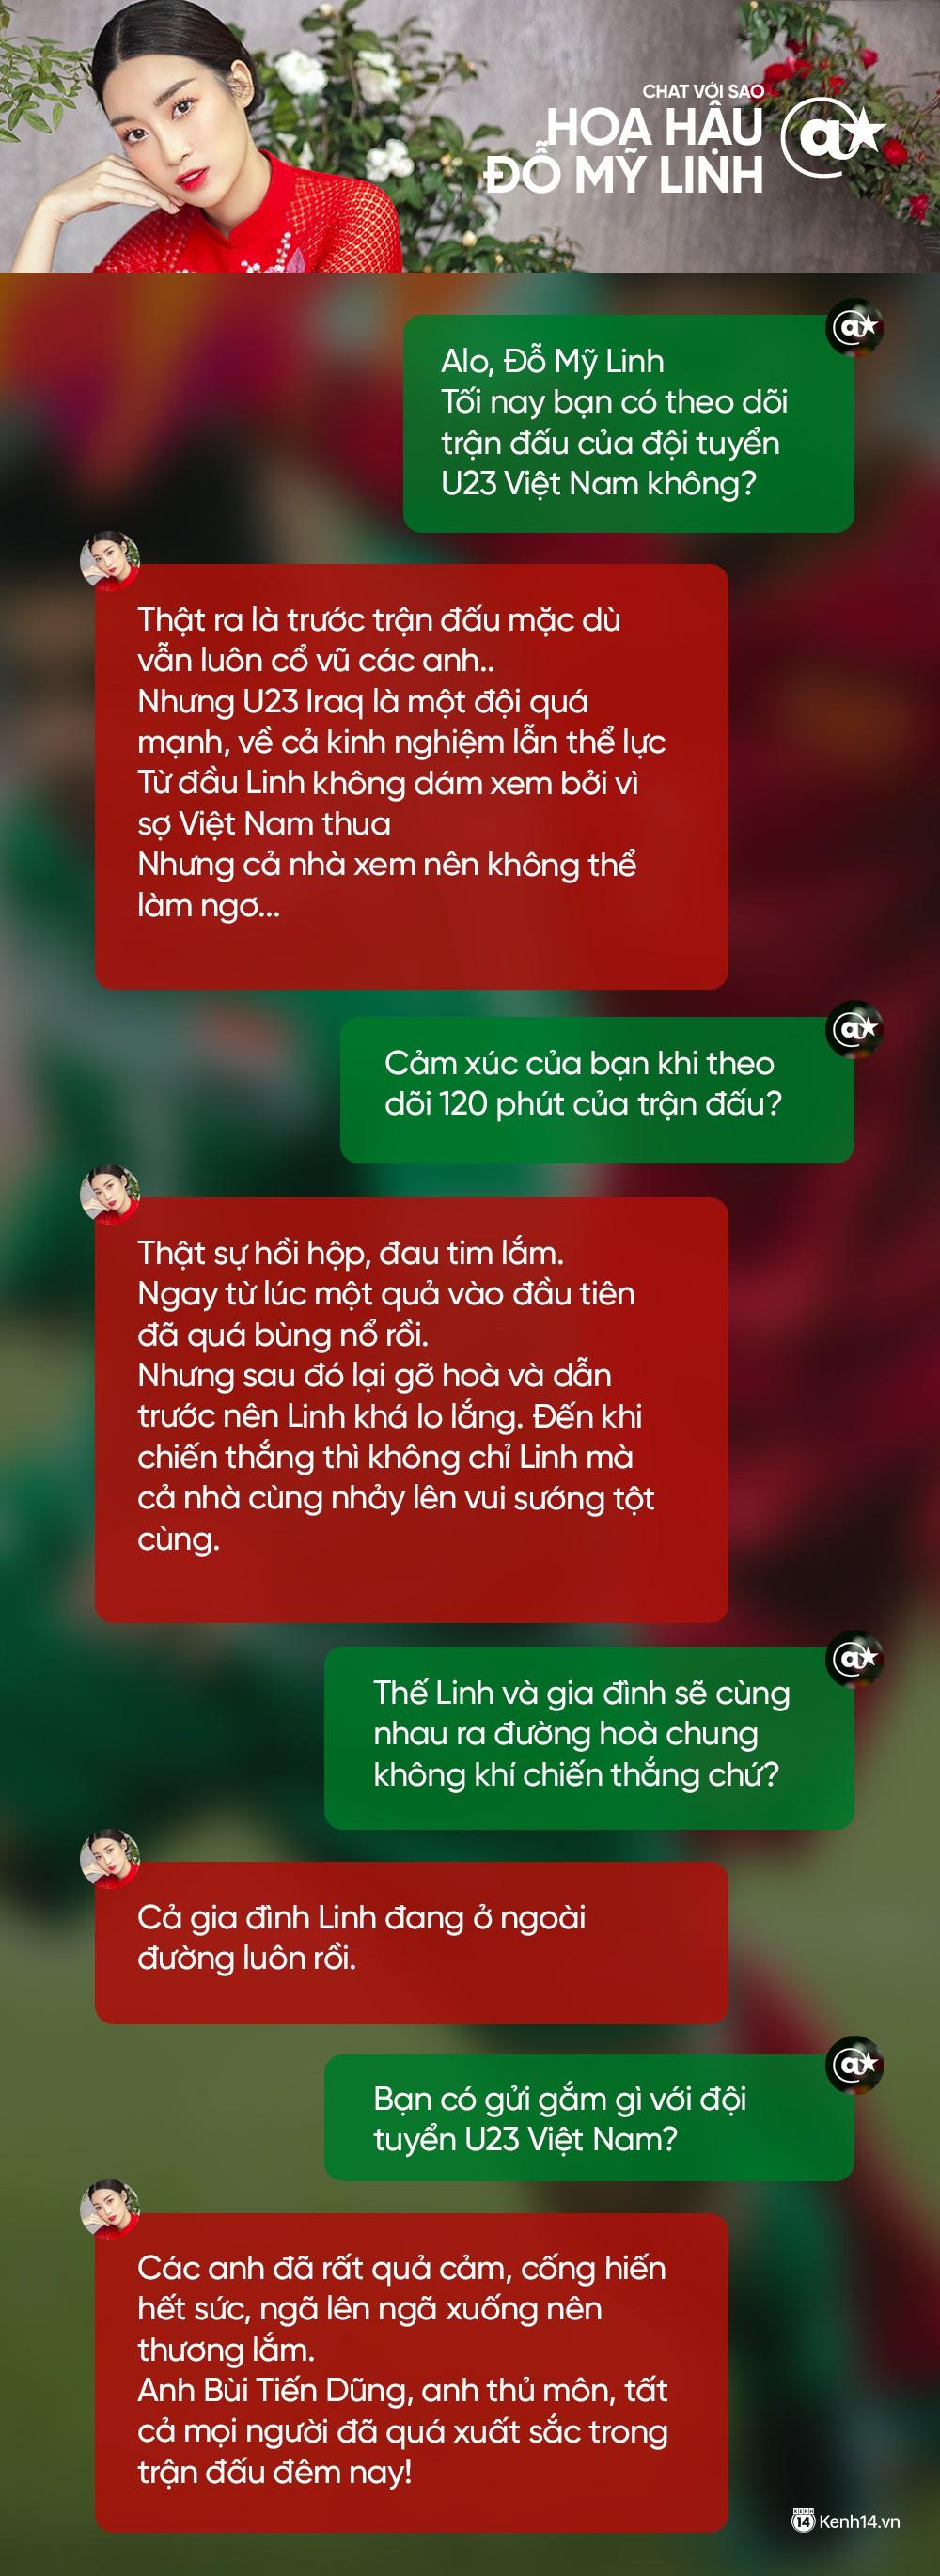 Chat cực nhanh: Tuấn Hưng, Duy Mạnh và dàn sao hào hứng nhắn gửi đến U23 Việt Nam - Ảnh 4.